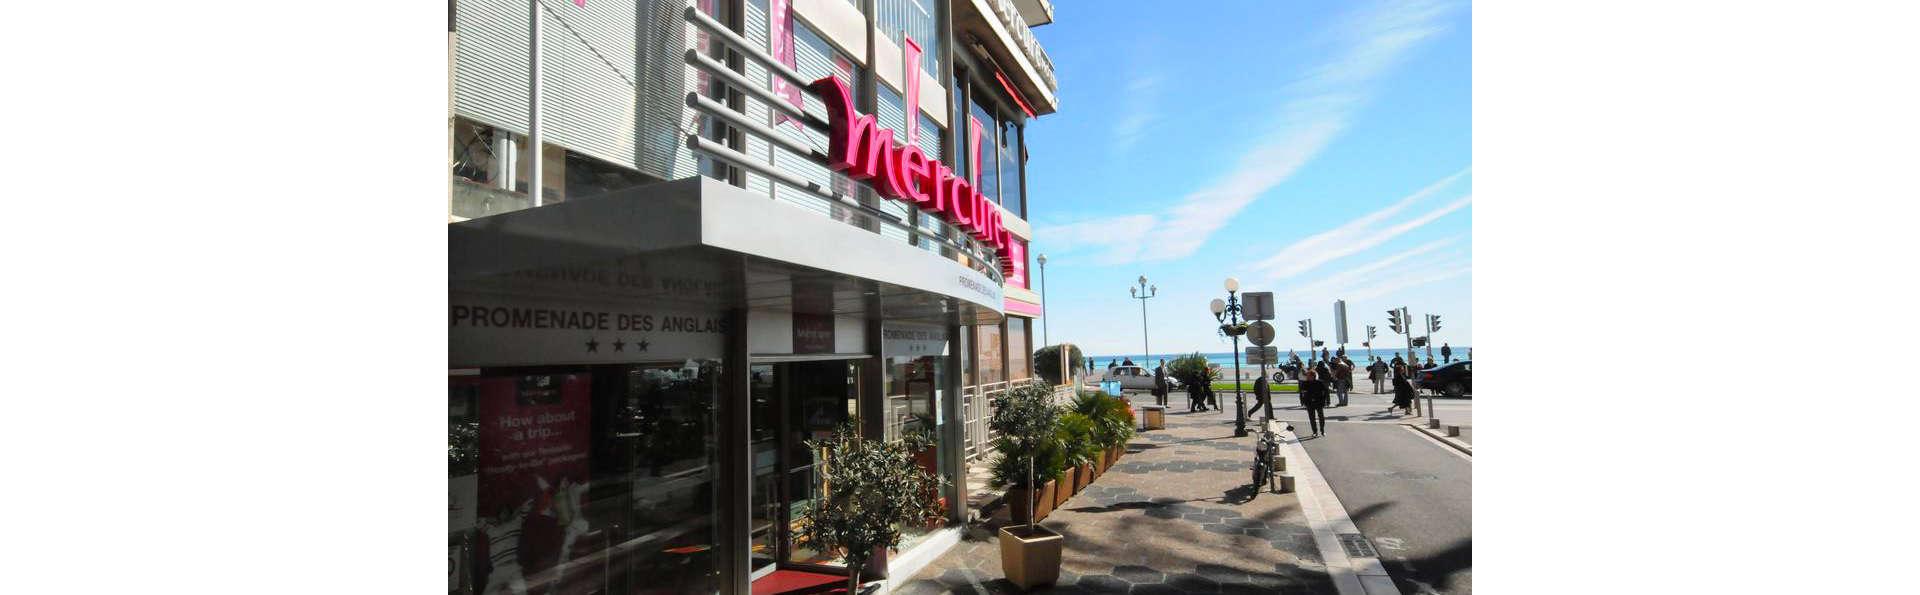 Hôtel Mercure Nice Promenade des Anglais - EDIT_FRONT_01.jpg